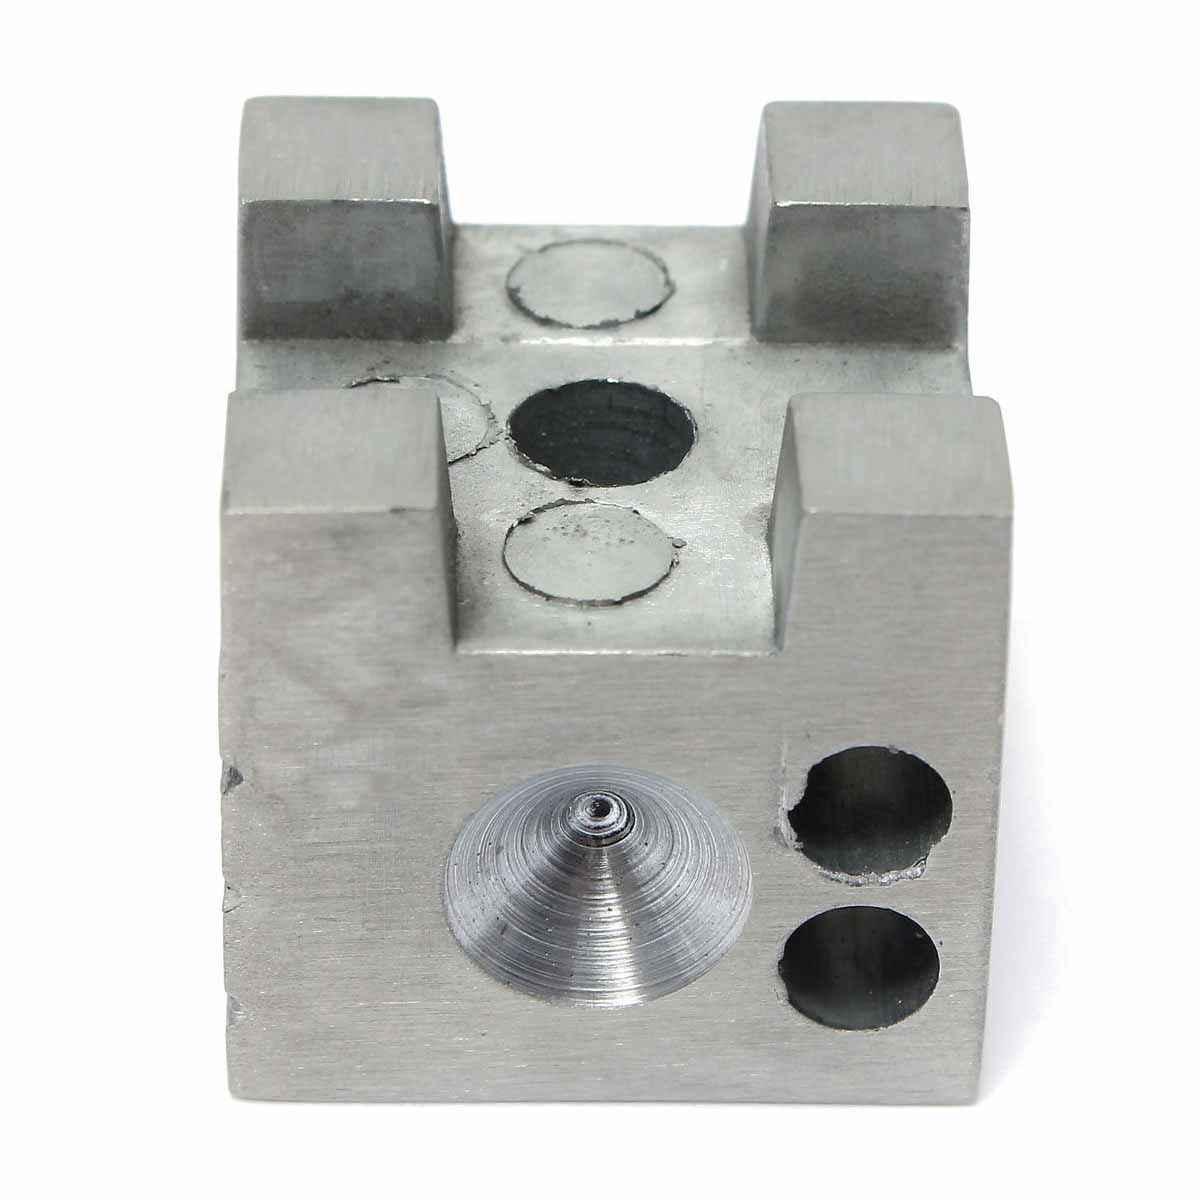 時計職人アルミニウム合金浮き沈みさせる釣り方ドーミングブロック時計宝石部品修理ホルダーツール